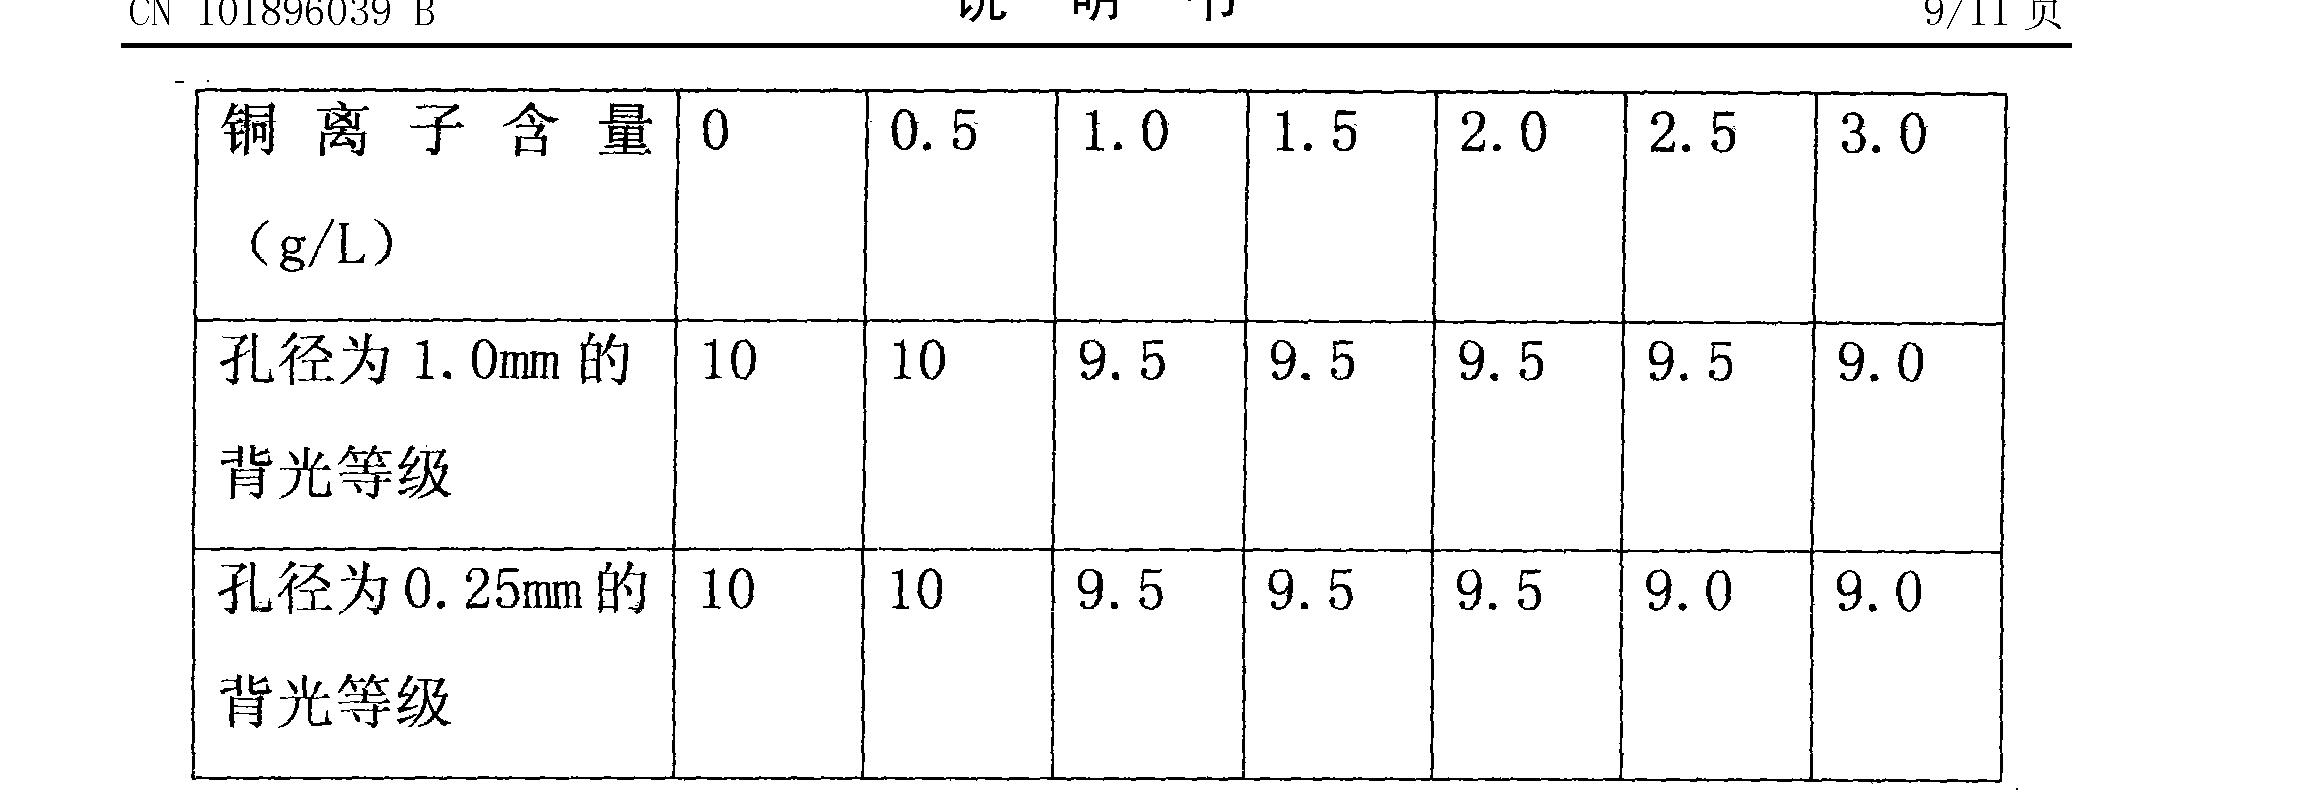 Figure CN101896039BD00111